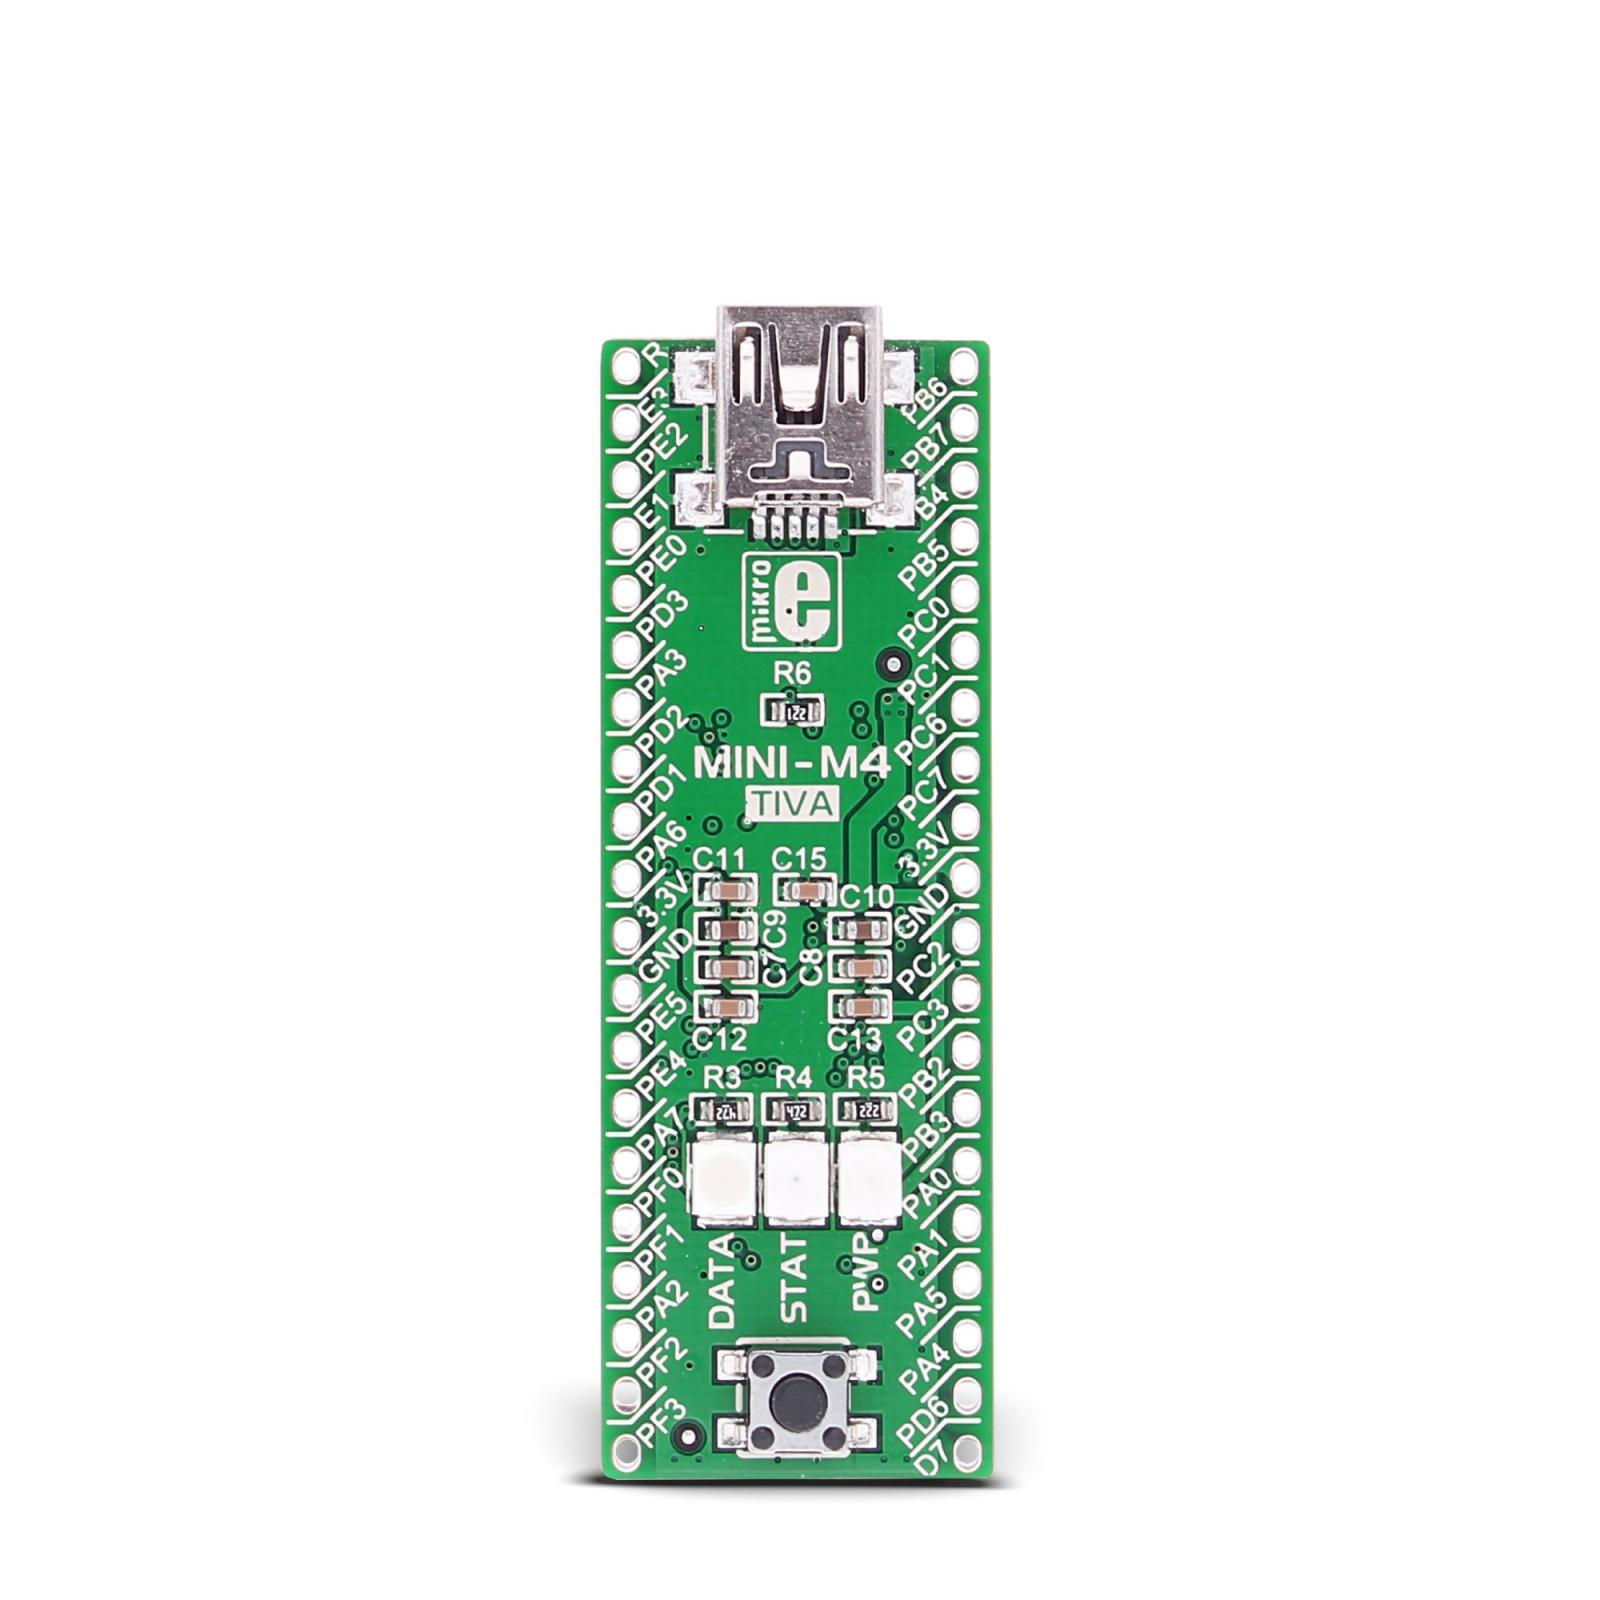 MINI-M4 for Tiva C Series - MikroElektronika